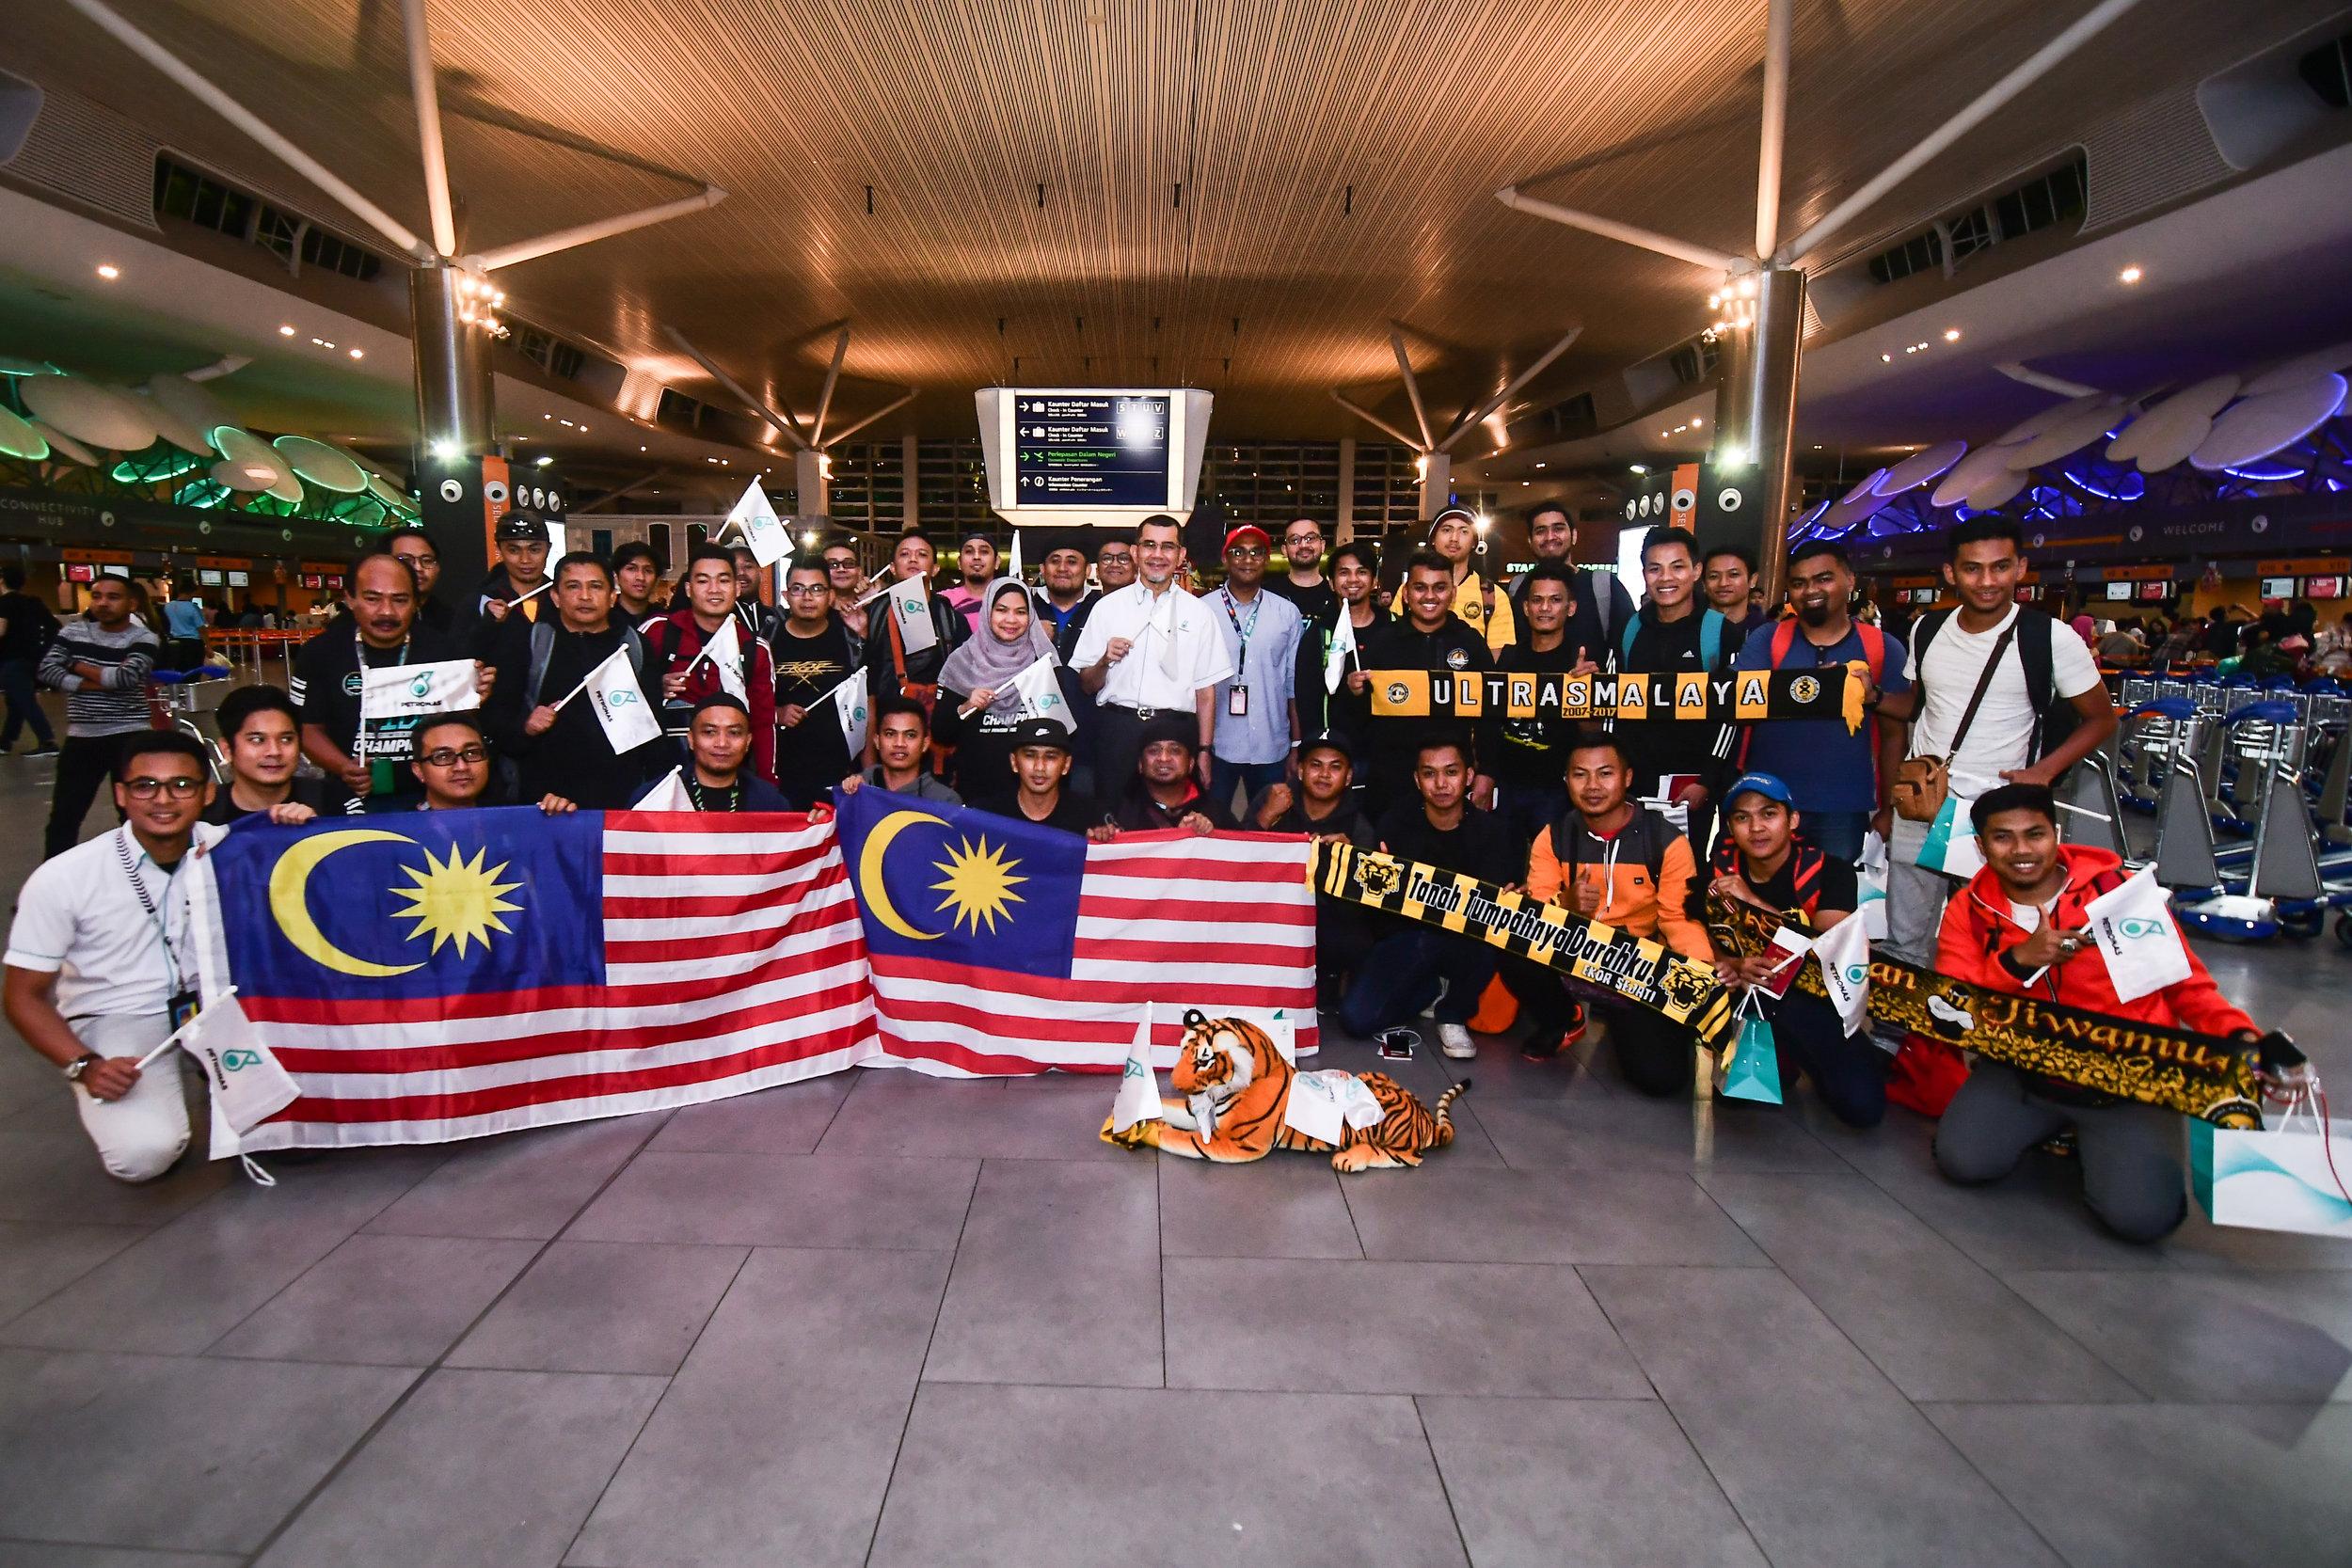 Dato' Sri Syed Zainal Abidin Syed Mohamed Tahir, Pengarah Urusan dan Ketua Pegawai Eksekutif PETRONAS Dagangan Berhad [tengah berbaju putih] dan Bo Lingam, Timbalan Ketua Pegawai Eksekutif Kumpulan AirAsia (Perniagaan Penerbangan) [tengah kanan] di majlis penghantaran penyokong Harimau Malaya menaiki penerbangan AK9336 ke Hanoi di klia2.